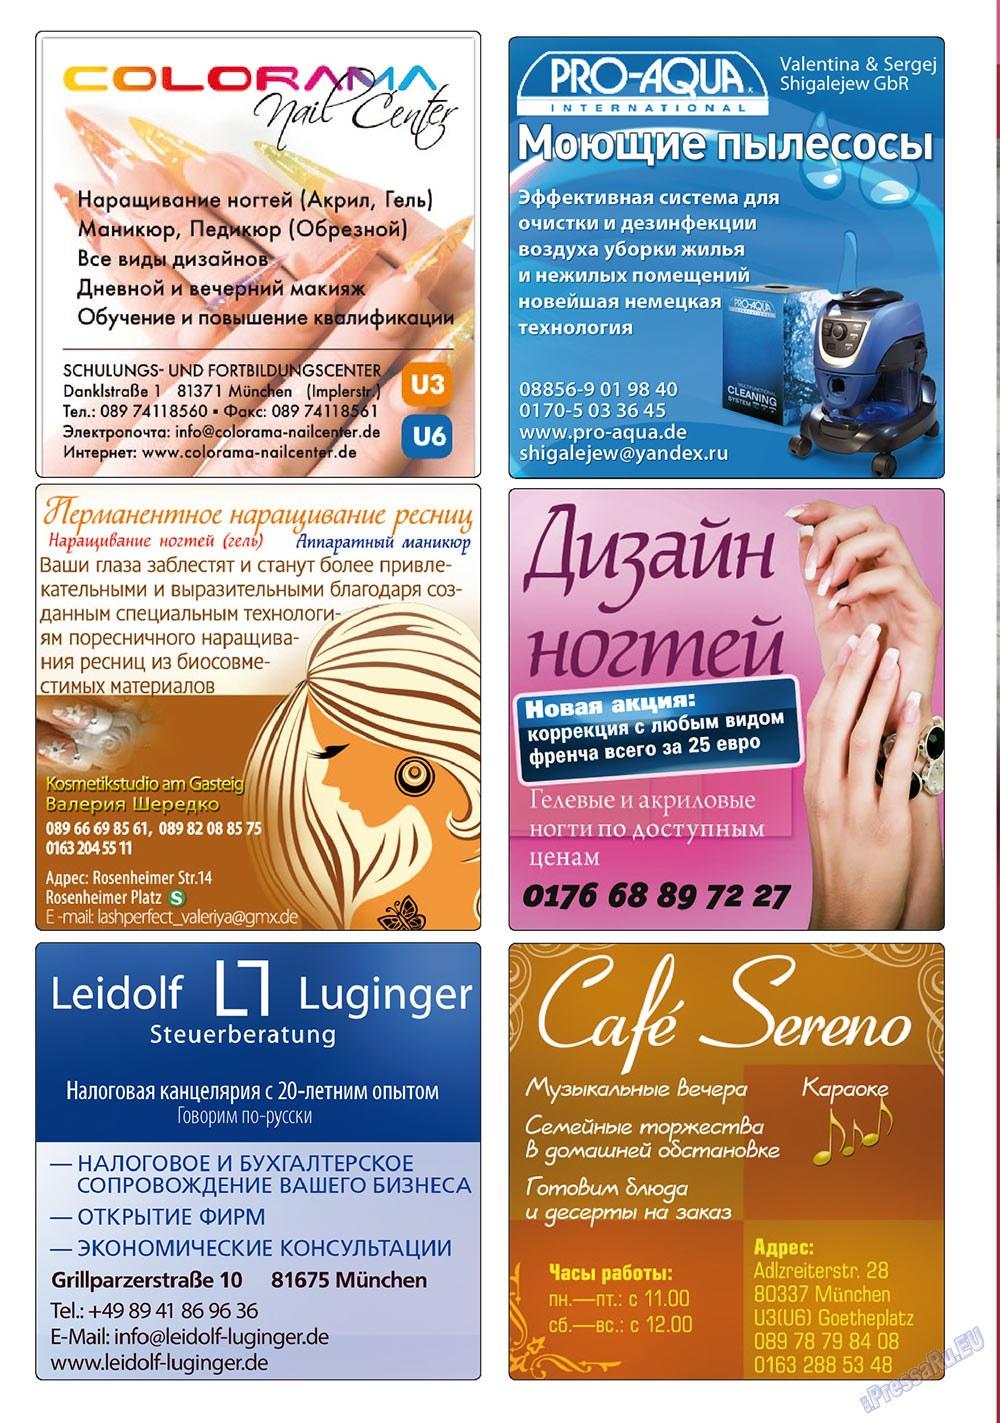 Апельсин (журнал). 2010 год, номер 13, стр. 36